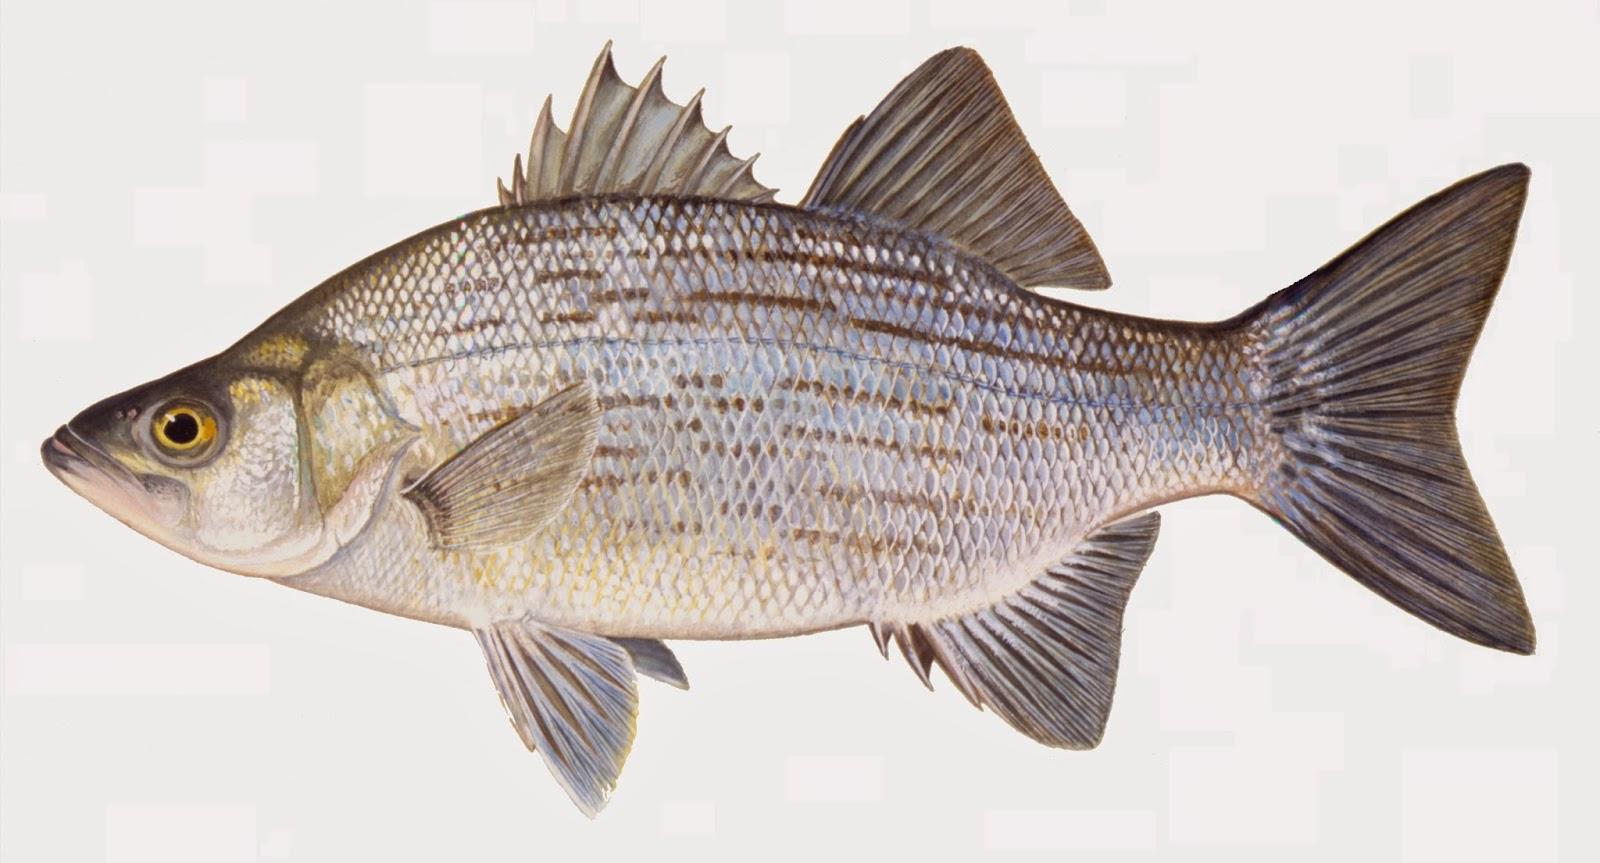 Take it outside fish iowa iowa fish species for White fish types